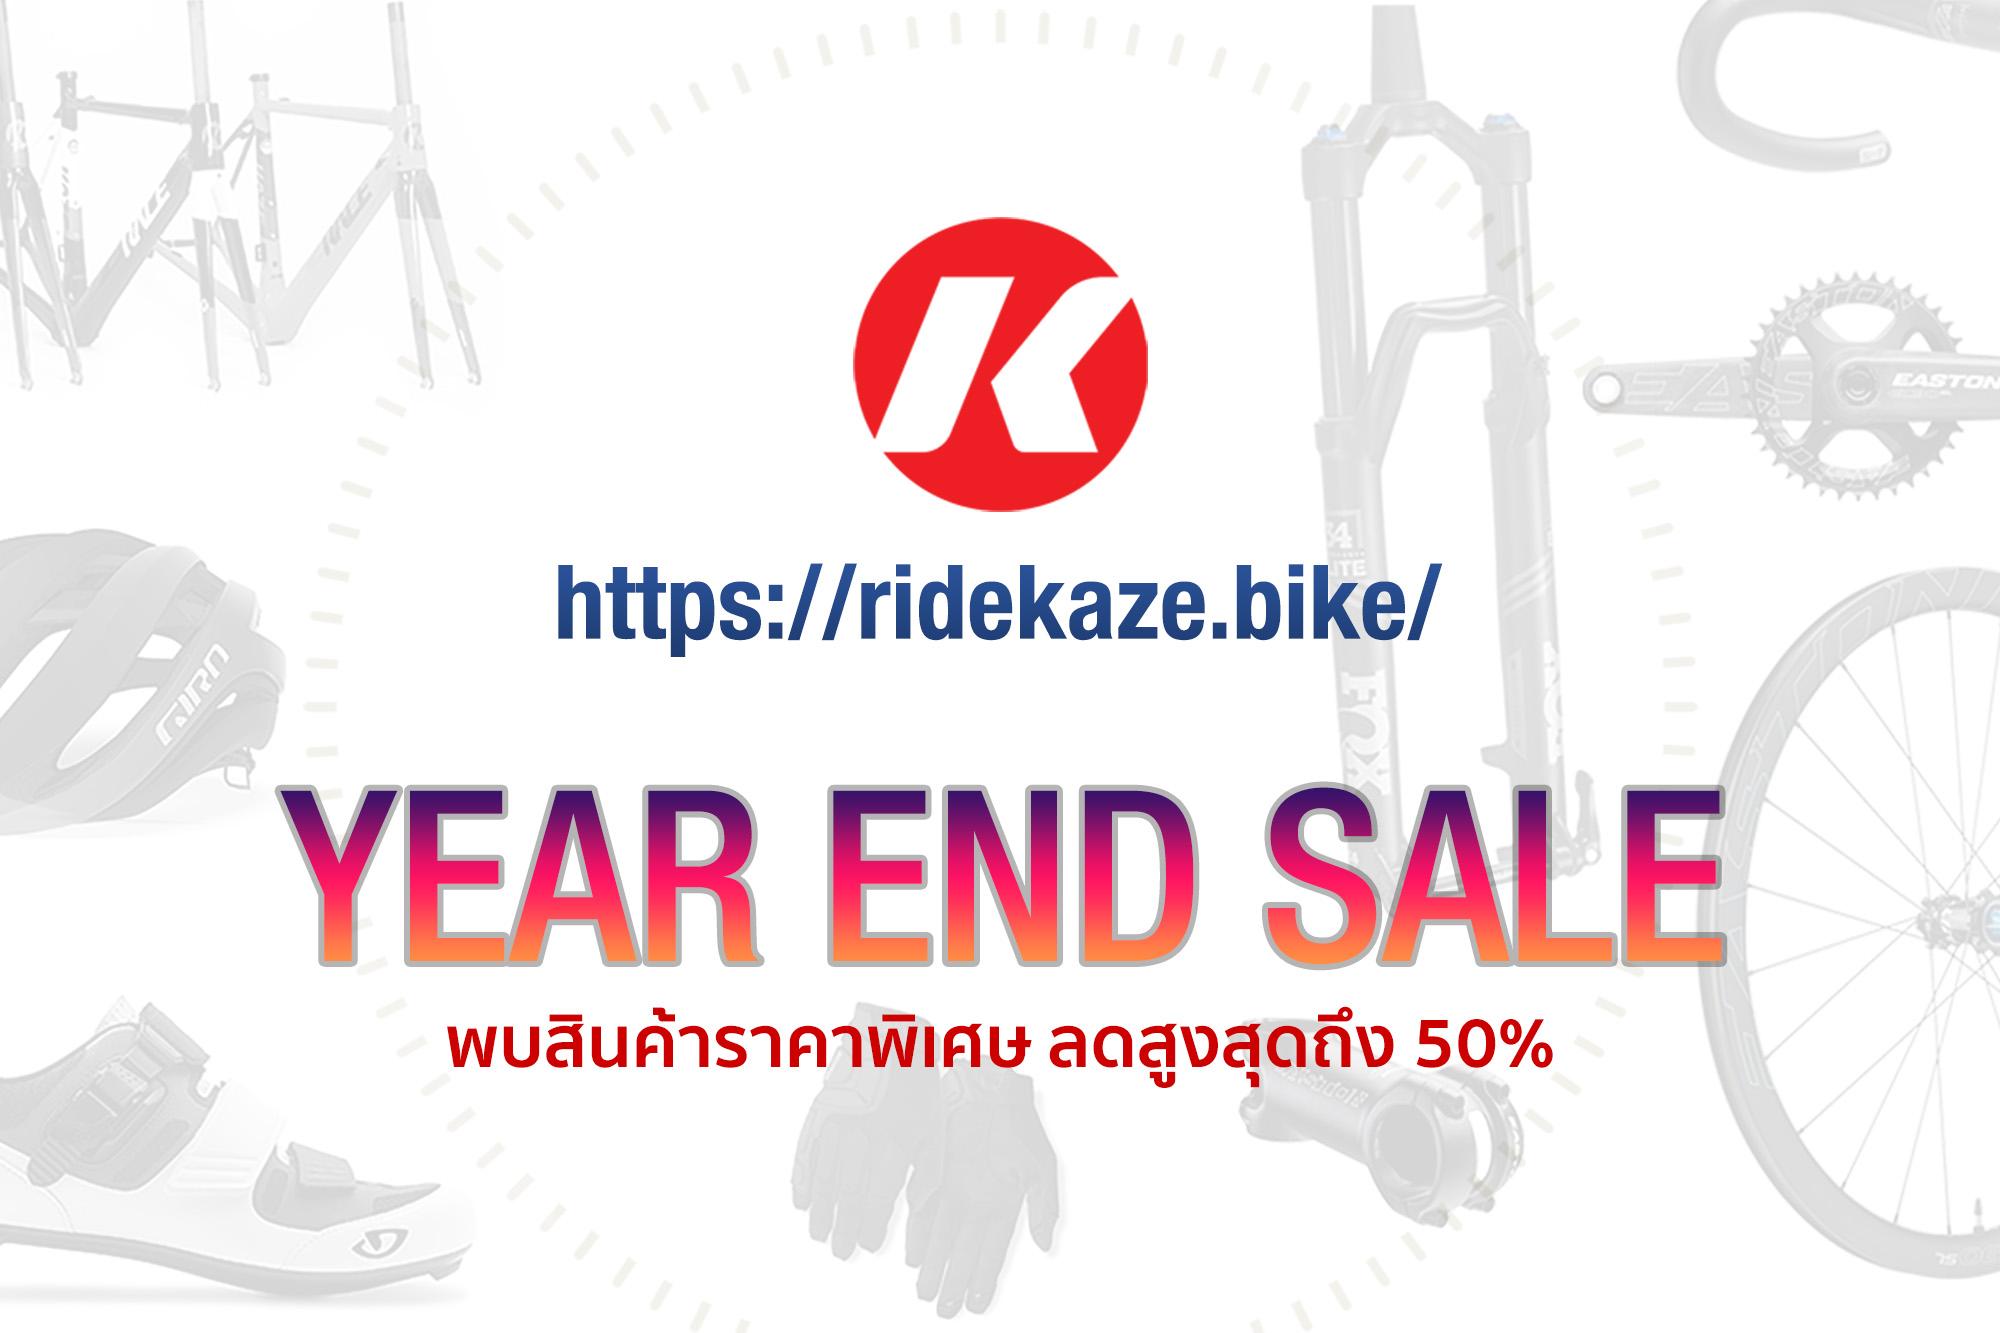 โปรโมชั่น Year End Sale ที่เว็บไซต์ https://ridekaze.bike/